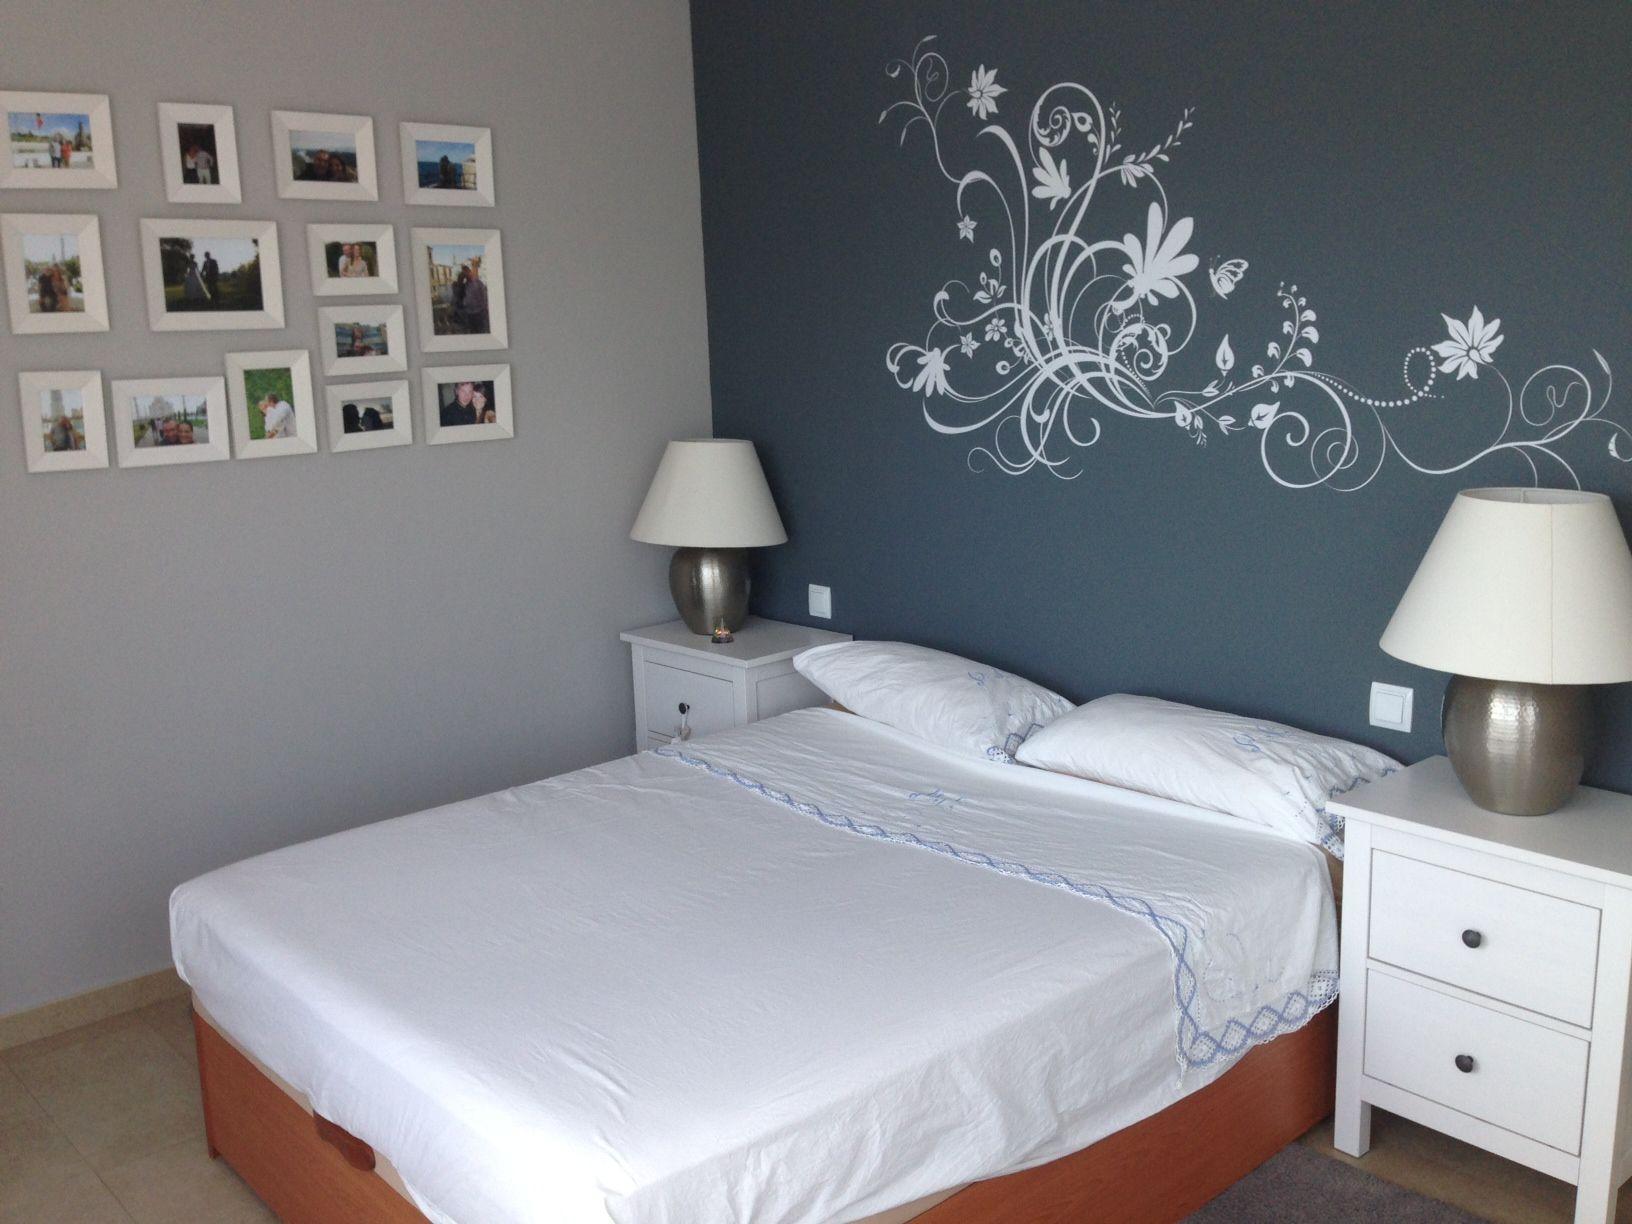 habitacin de matrimonio pintado con pentrilo y vinilo de marca totpint se puede encontrar - Pintar Habitacion